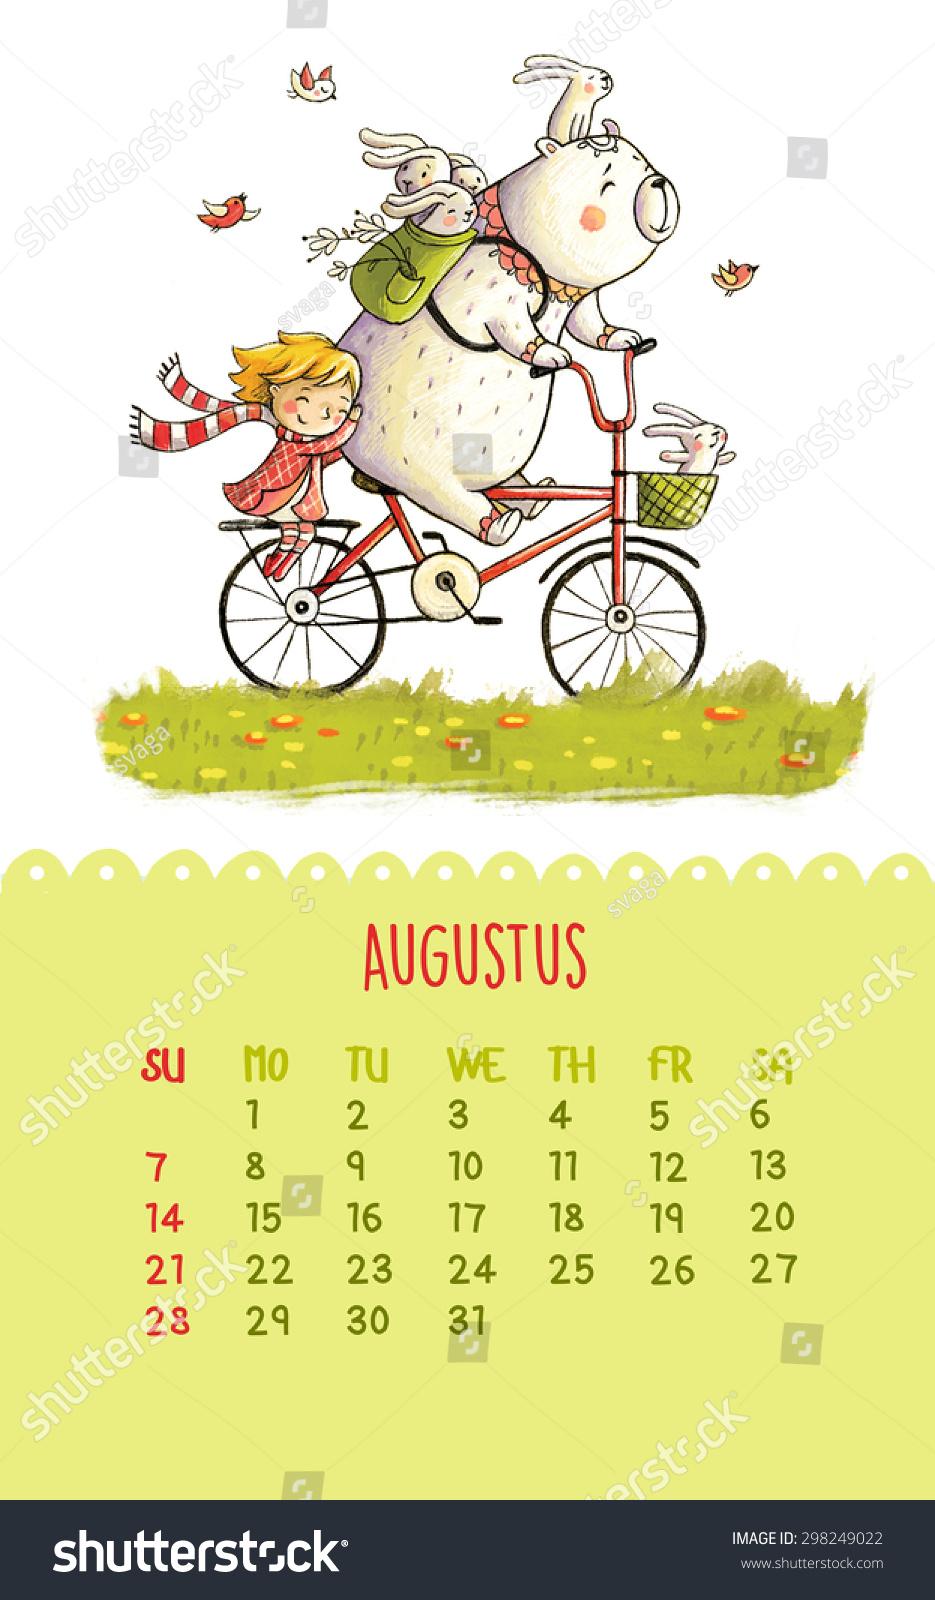 可爱的2016年日历与手绘插图。8月。卡通熊和女孩骑自行车。可以使用像快乐的生日贺卡。 - 背景/素材,艺术 - 站酷海洛创意正版图片,视频,音乐素材交易平台 - Shutterstock中国独家合作伙伴 - 站酷旗下品牌